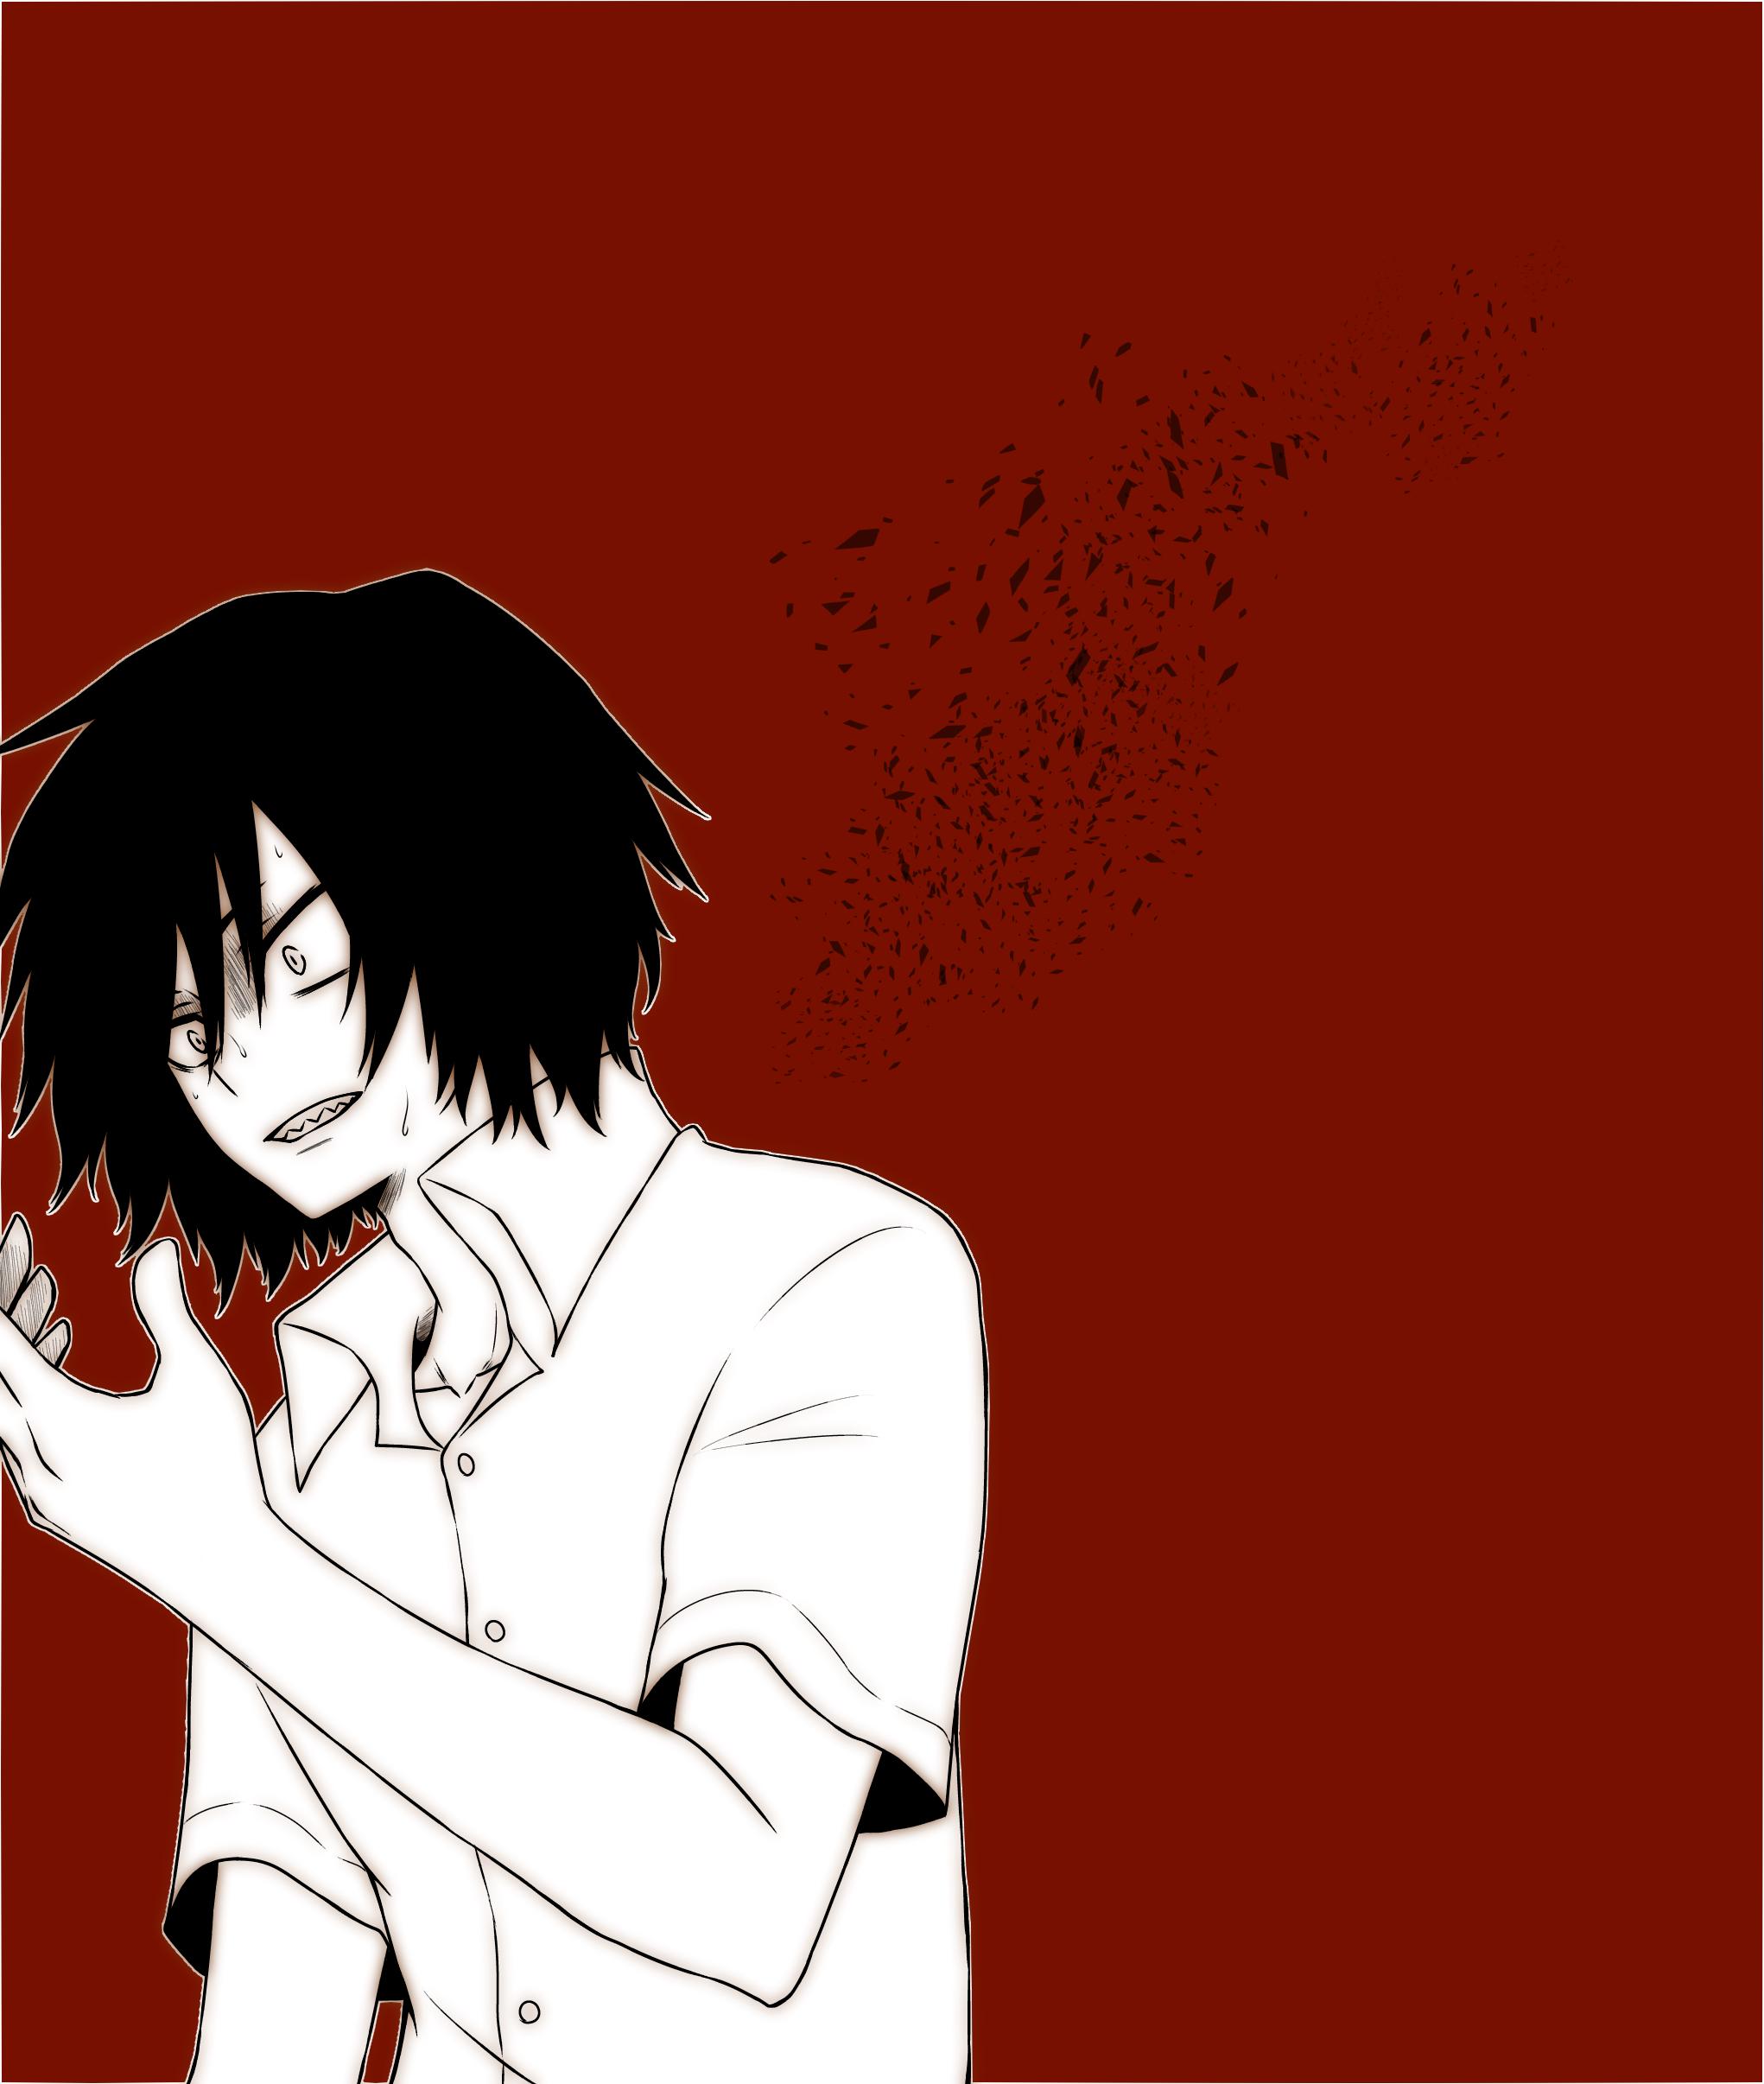 Kirishima Eijirou Boku No Hero Academia Image 2789941